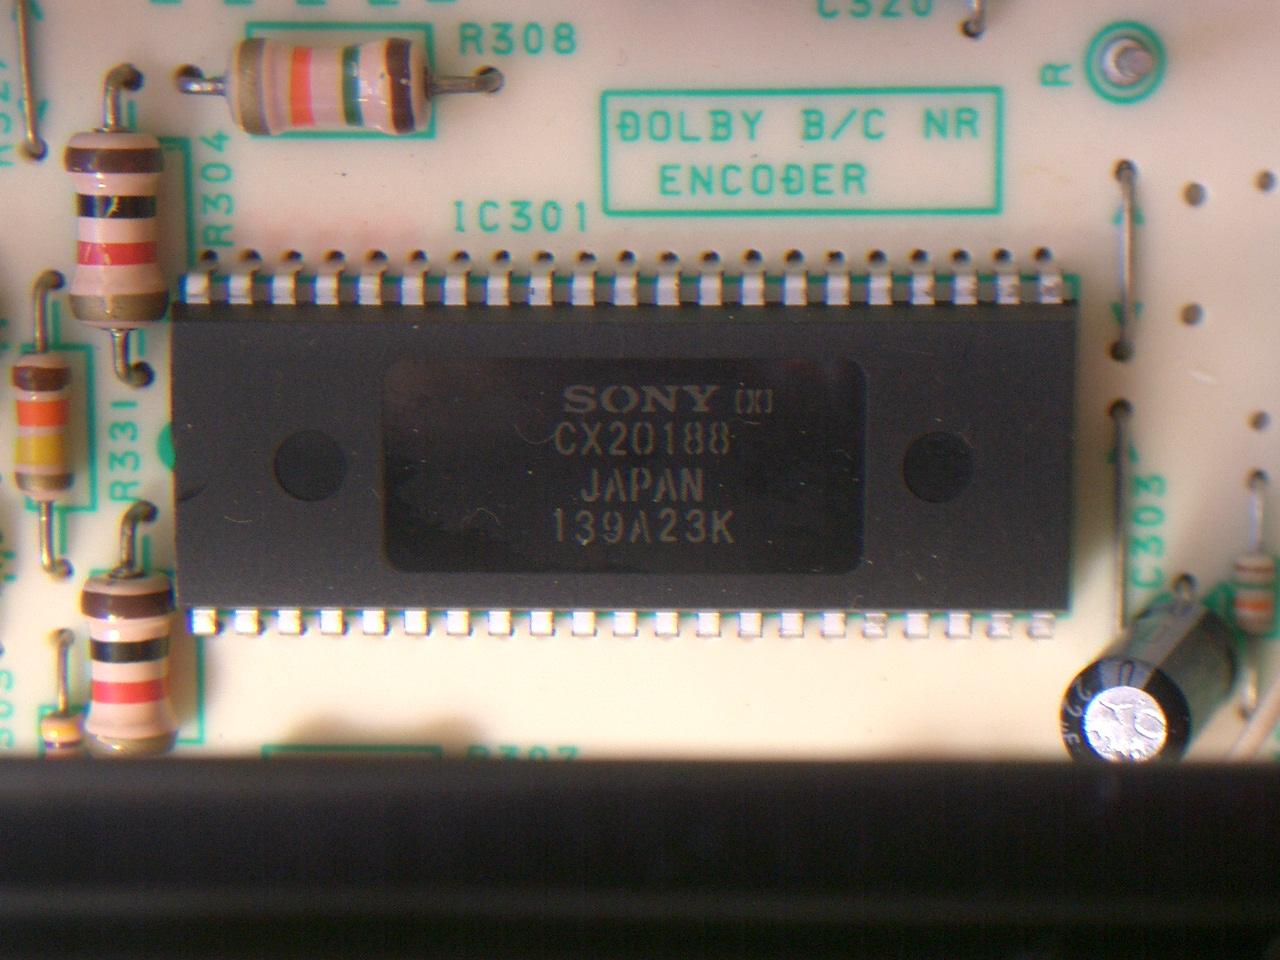 カセットデッキをしみじみ語る会 57台目 | ピュアAU板のスレッド